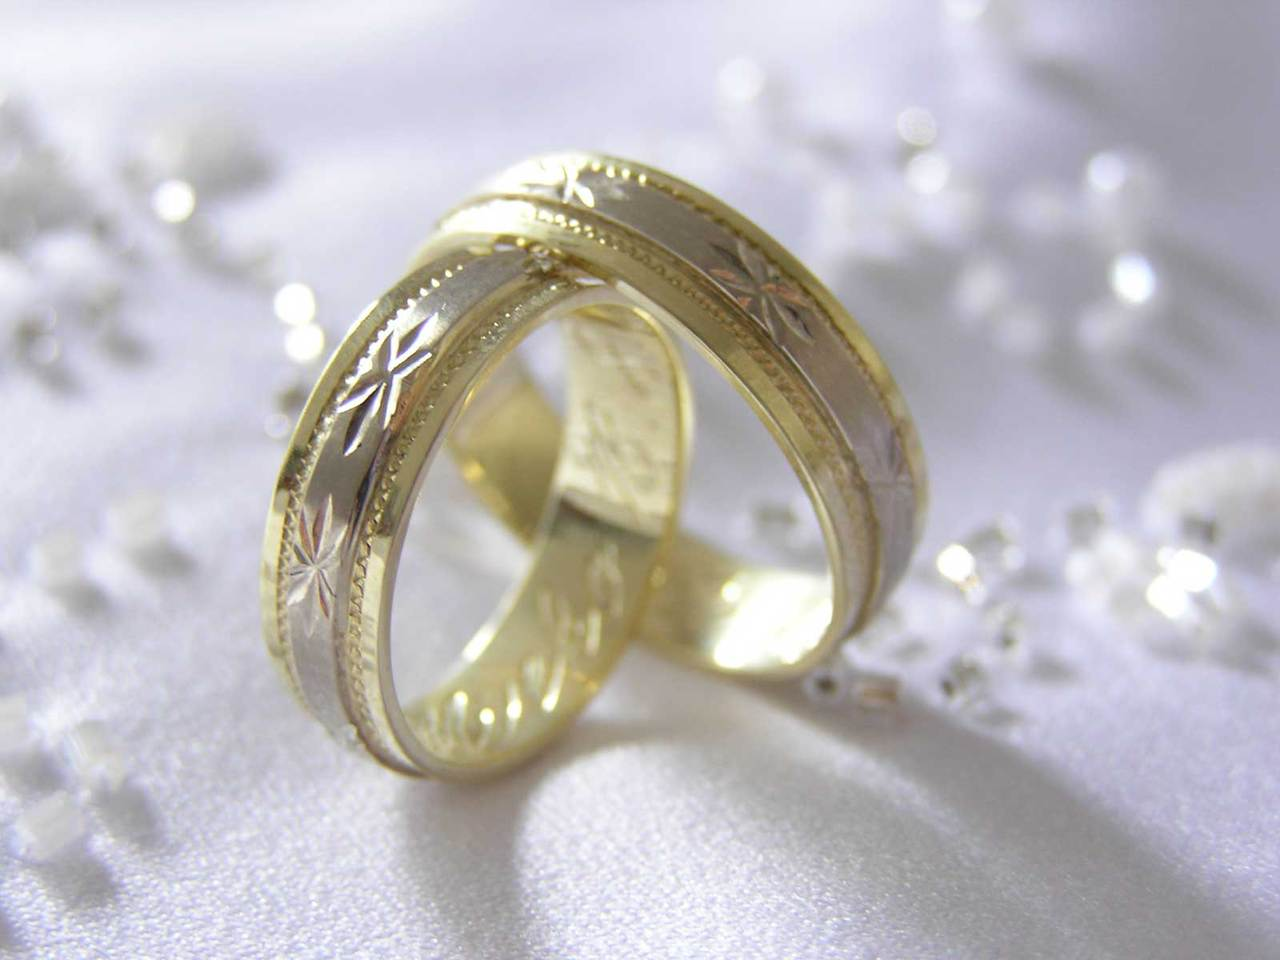 NÕUANDED! Kuidas puhastada abielusõrmust?